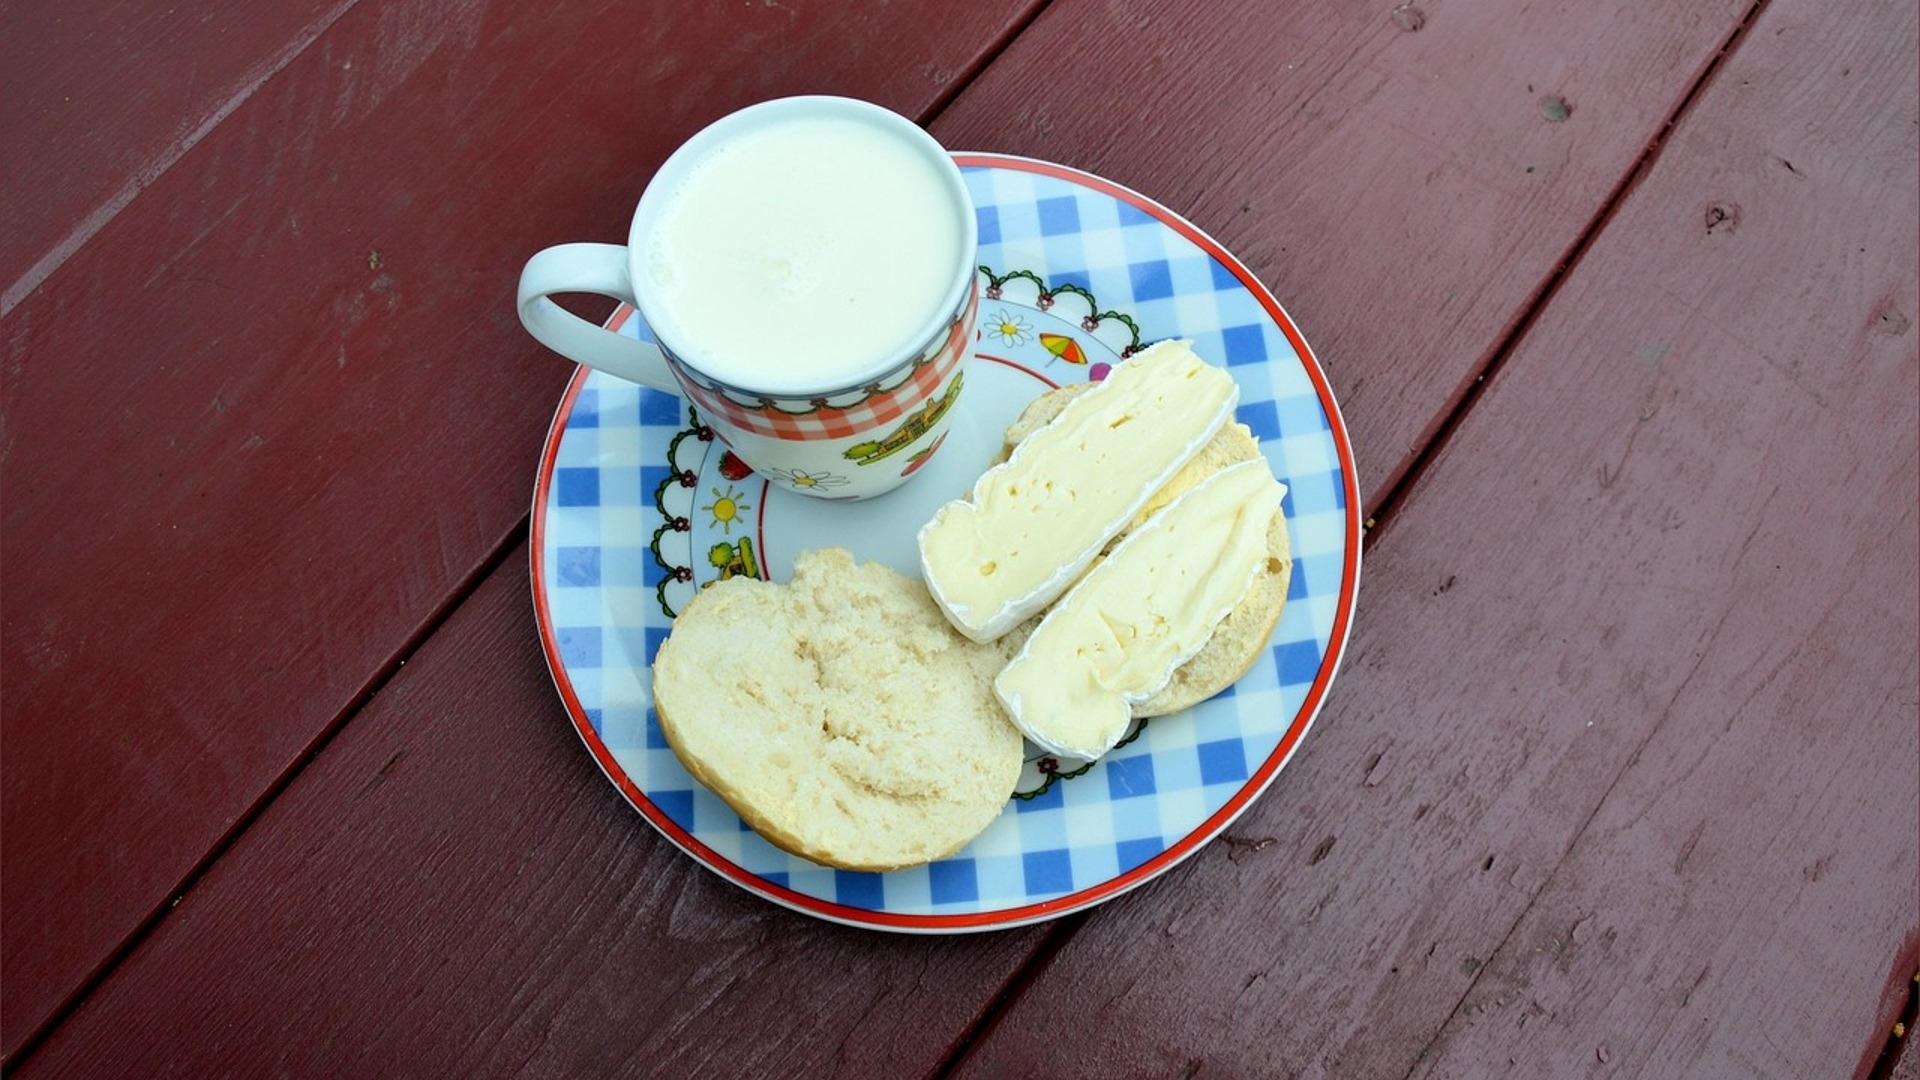 Latte e formaggio e la medaglia d'oro del calcio!